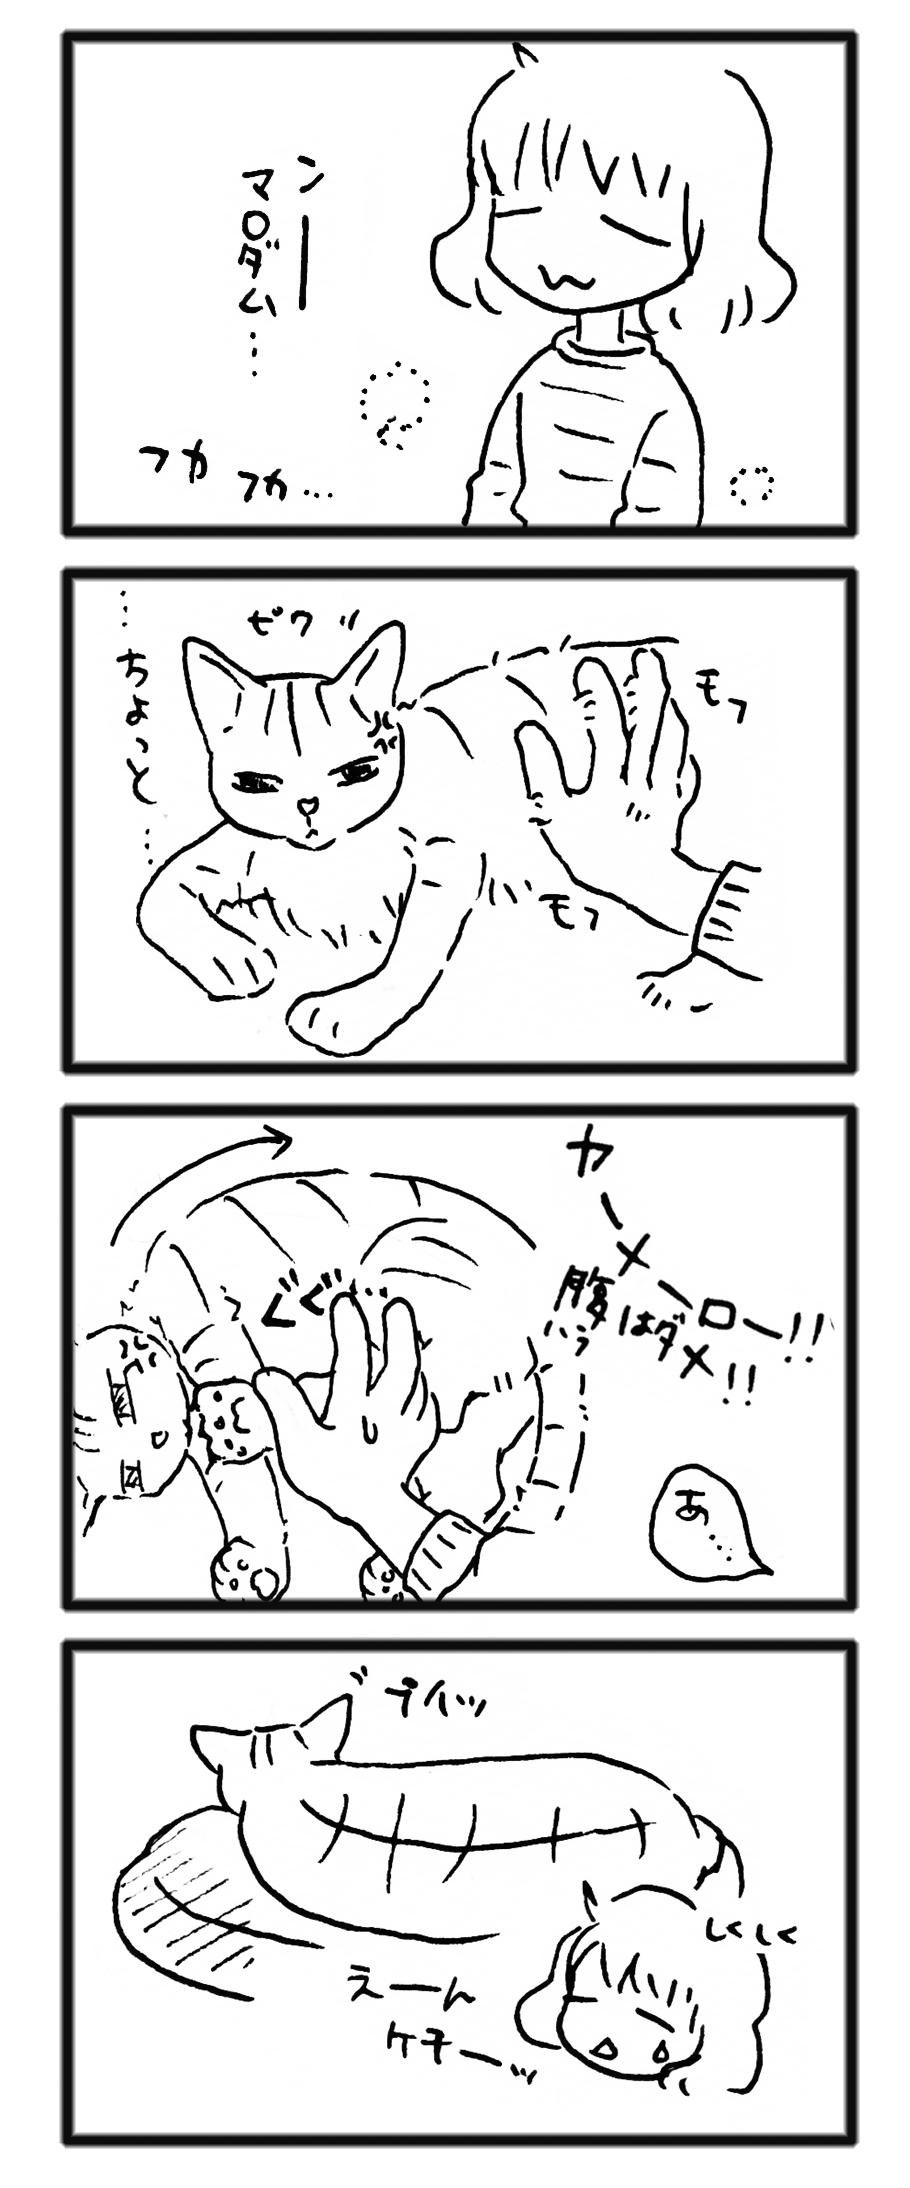 comic_13110602.jpg